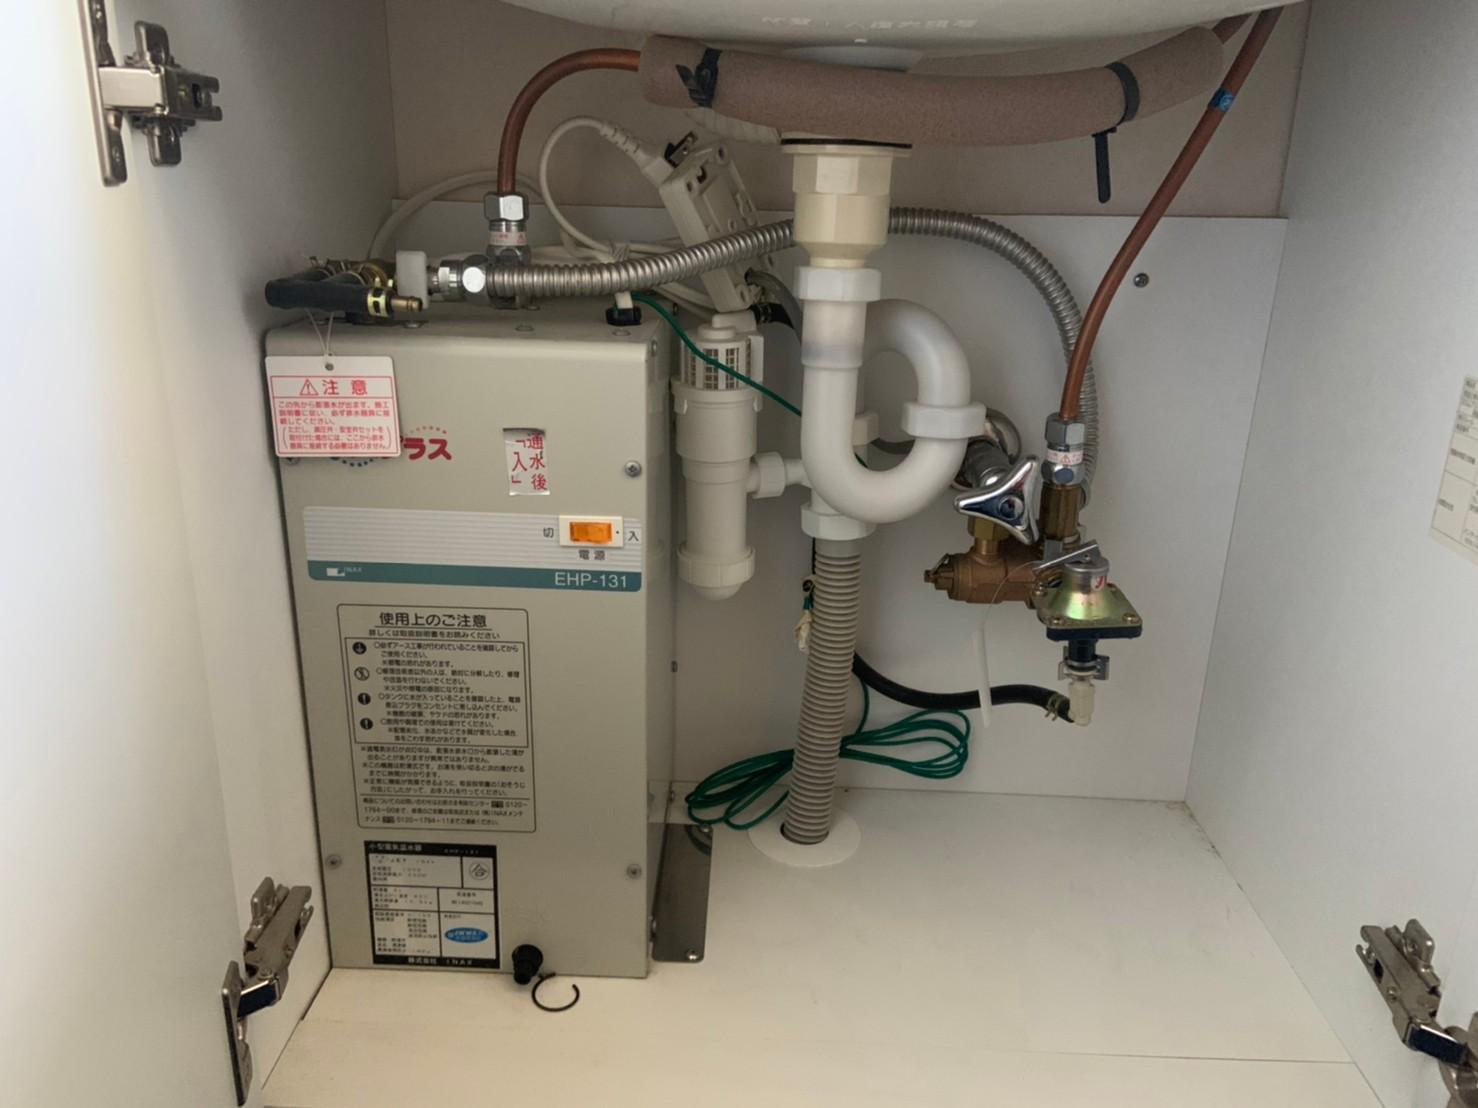 小型温水器の交換工事 LIXIL ゆプラス EHPN-F6N4 京都市左京区